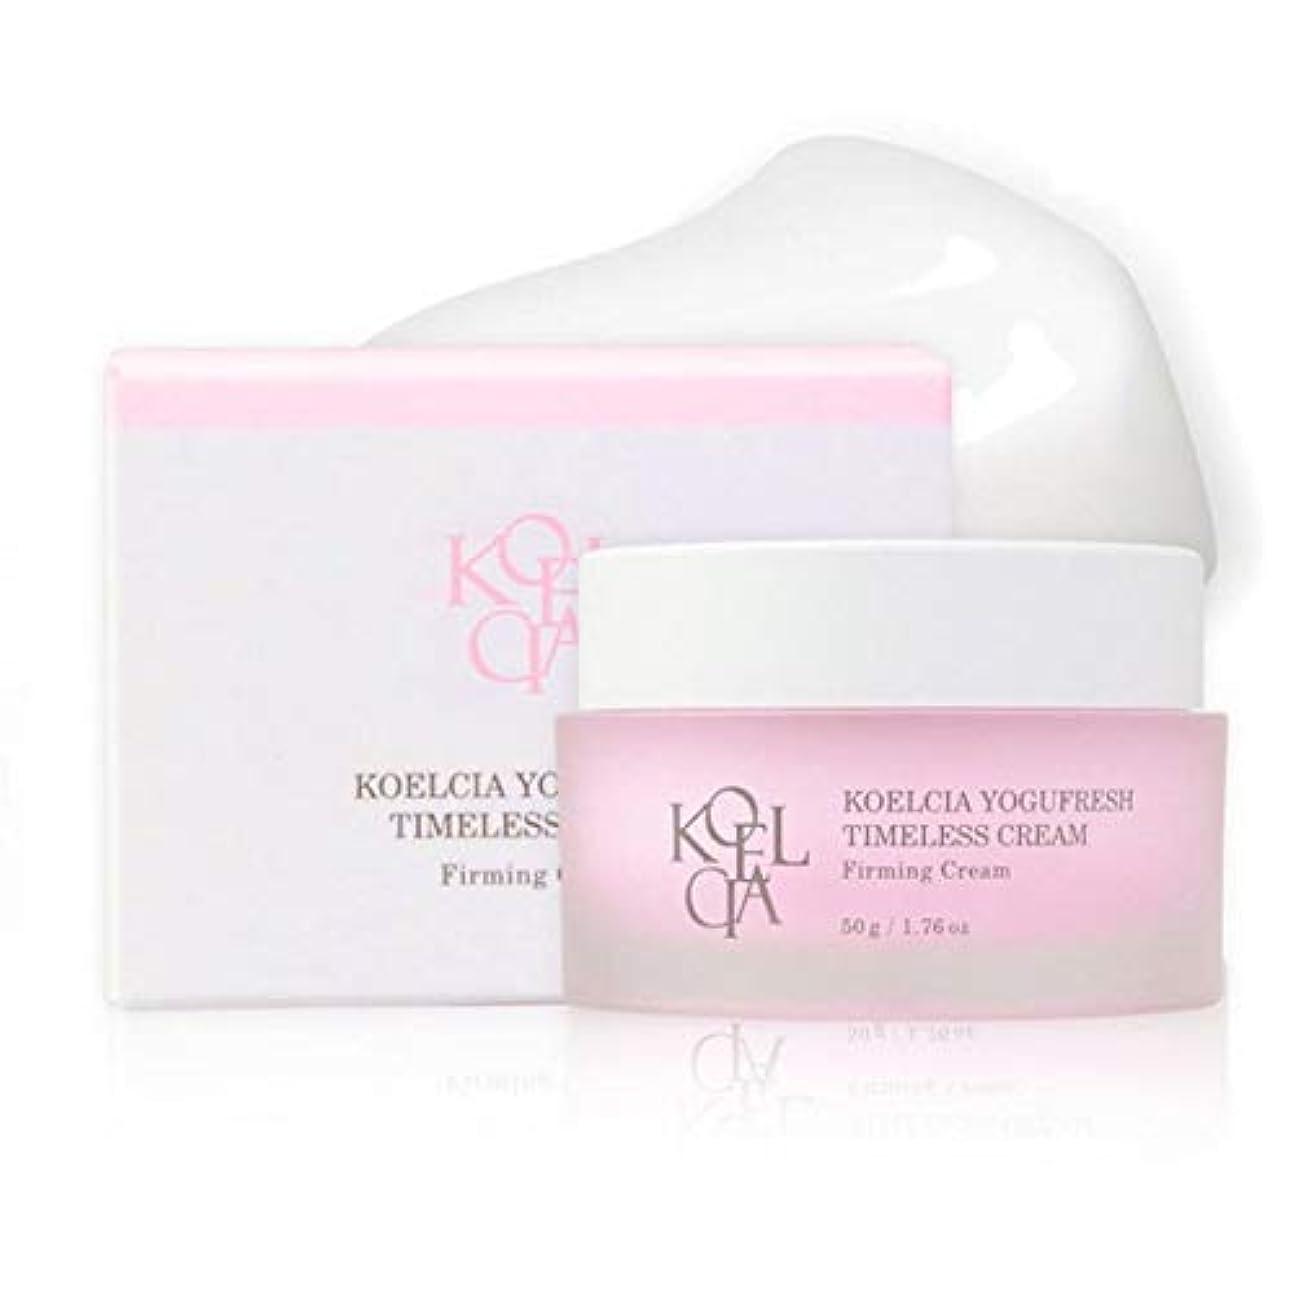 ランダムゴミ箱寝てる[KOELCIA] YOGUFRESH TIMELESS CREAM 50g/Most Hot K-Beauty Firming/Wrinkle Care Cream/Korea Cosmetics [並行輸入品]